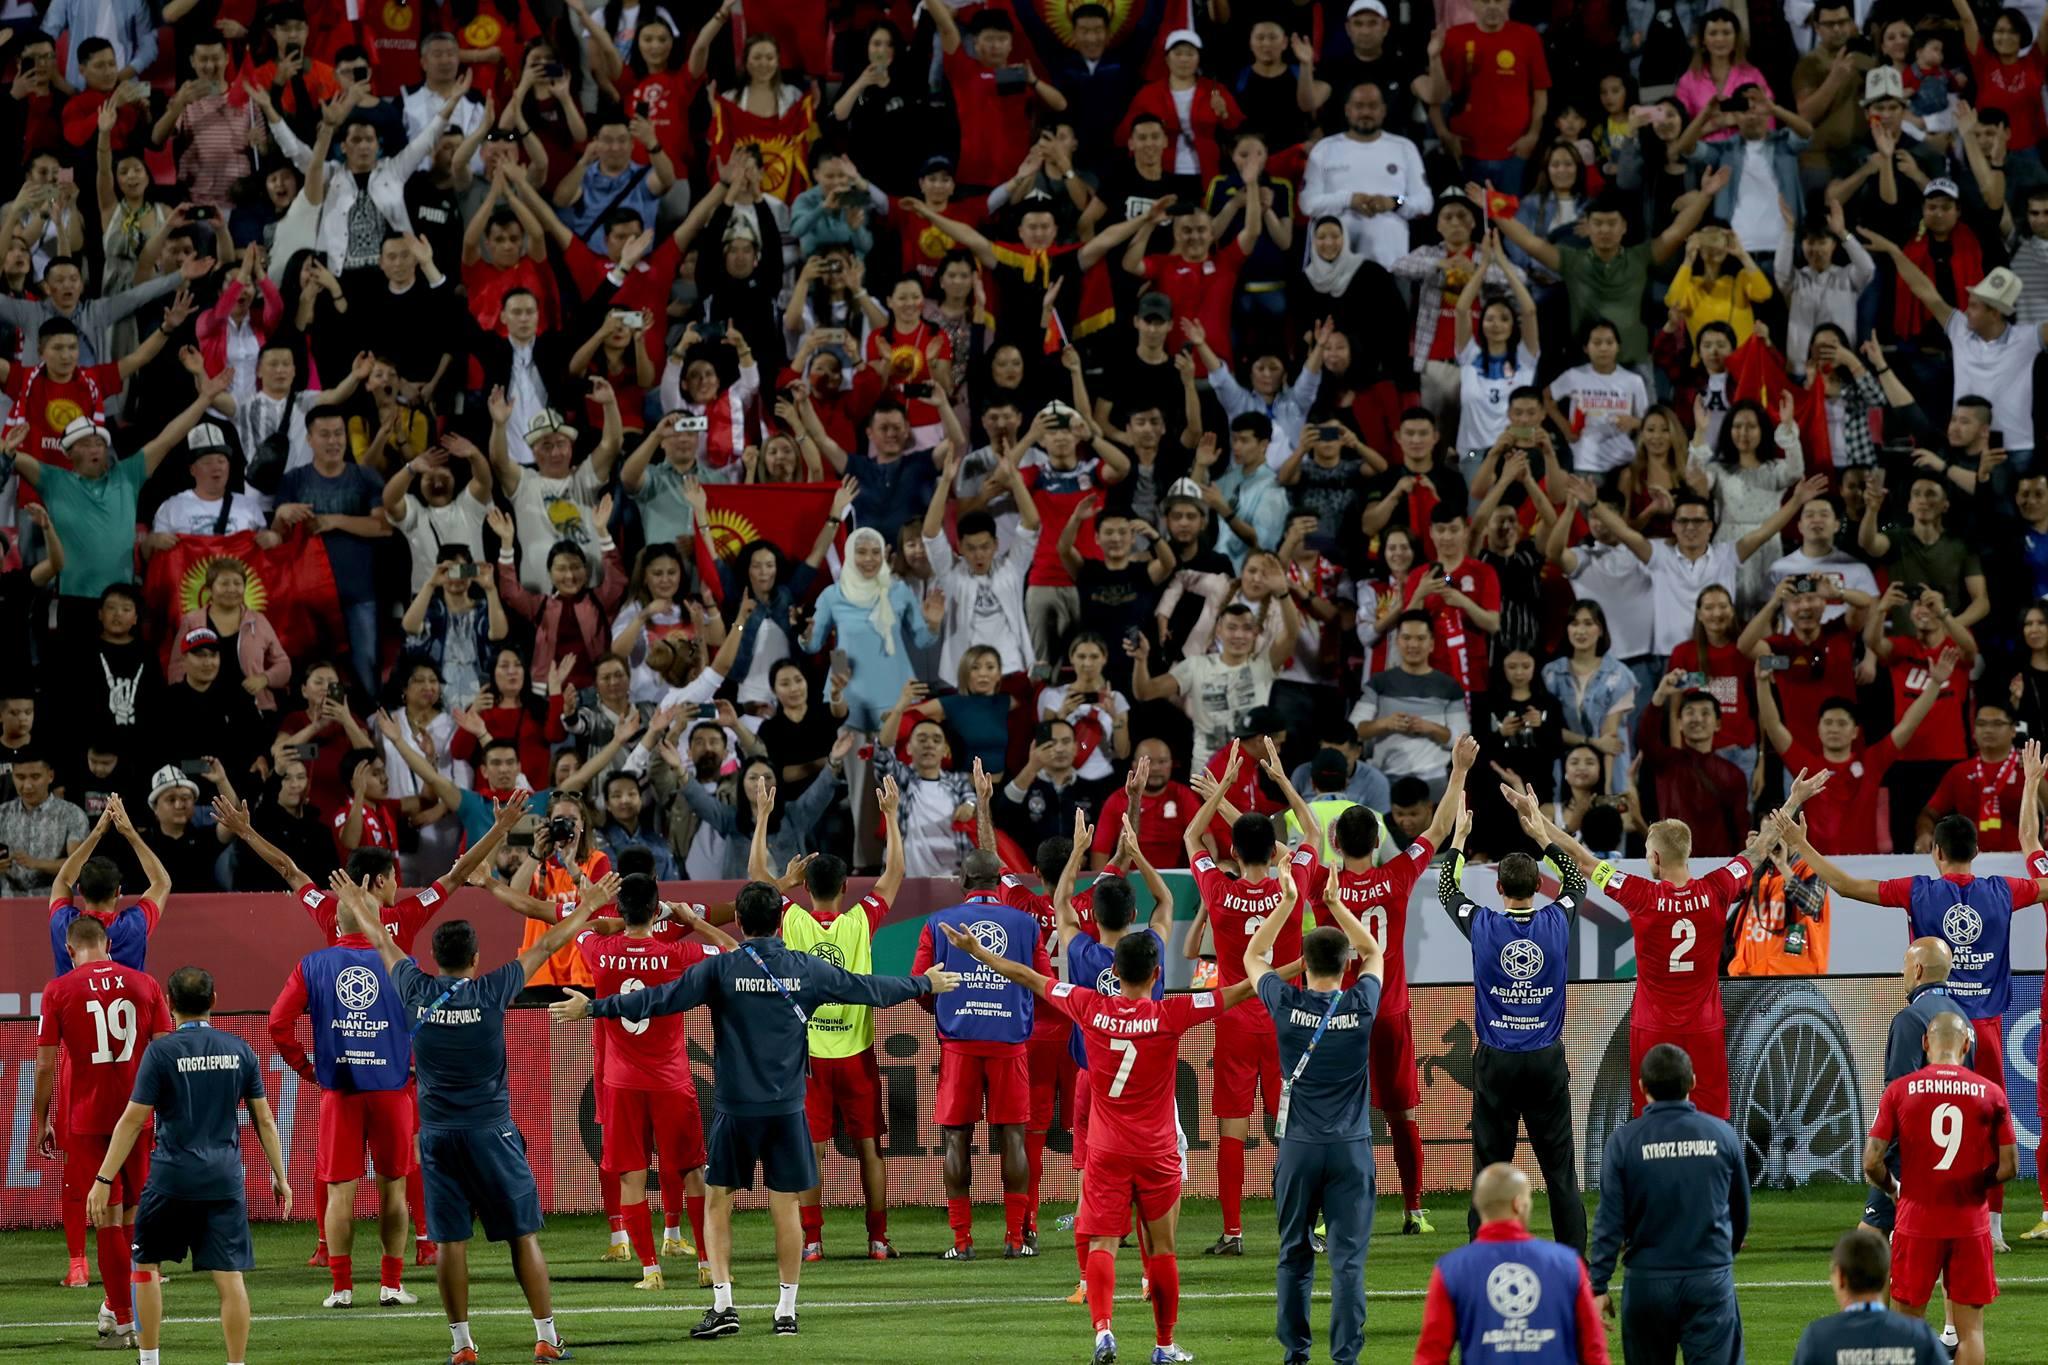 Футбол: Кыргызстан Монголияны 2:1 эсебинде утту (видео)